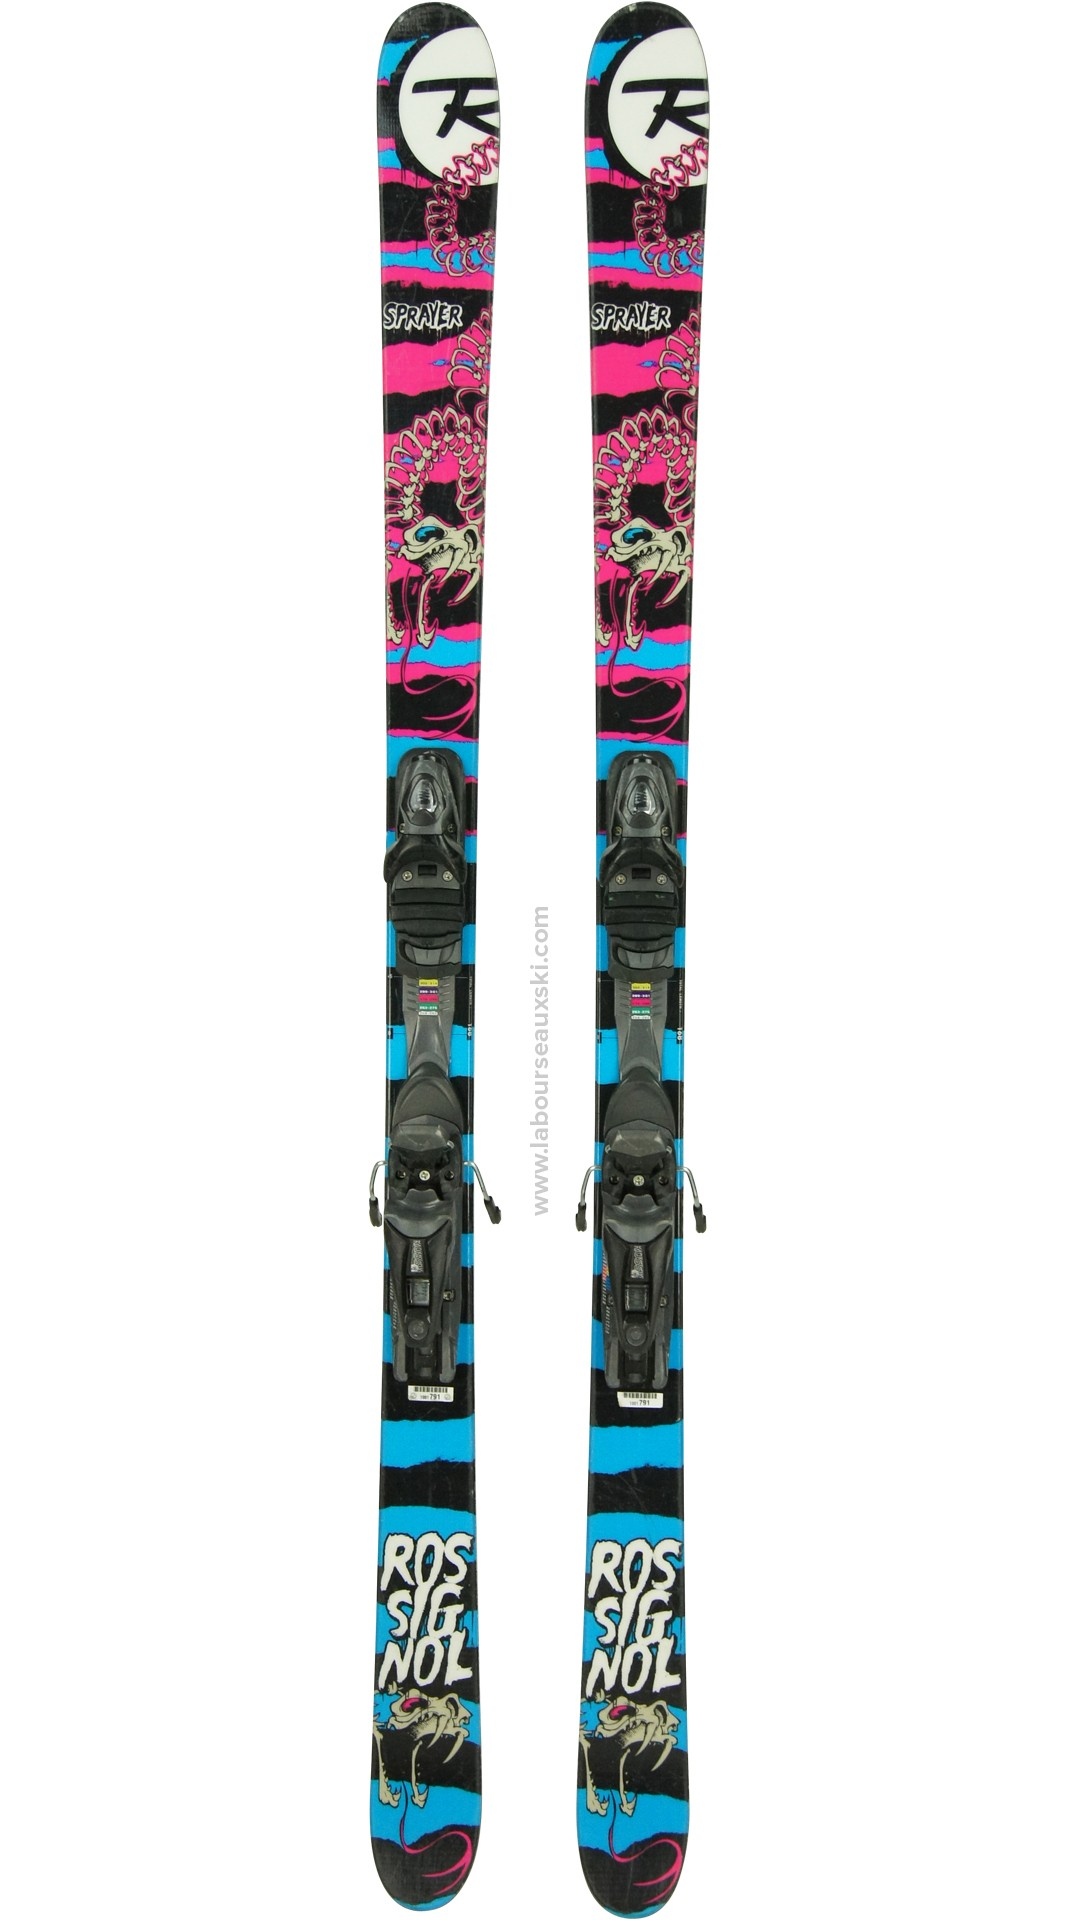 ski occasion rossignol sprayer skis d 39 occasion. Black Bedroom Furniture Sets. Home Design Ideas